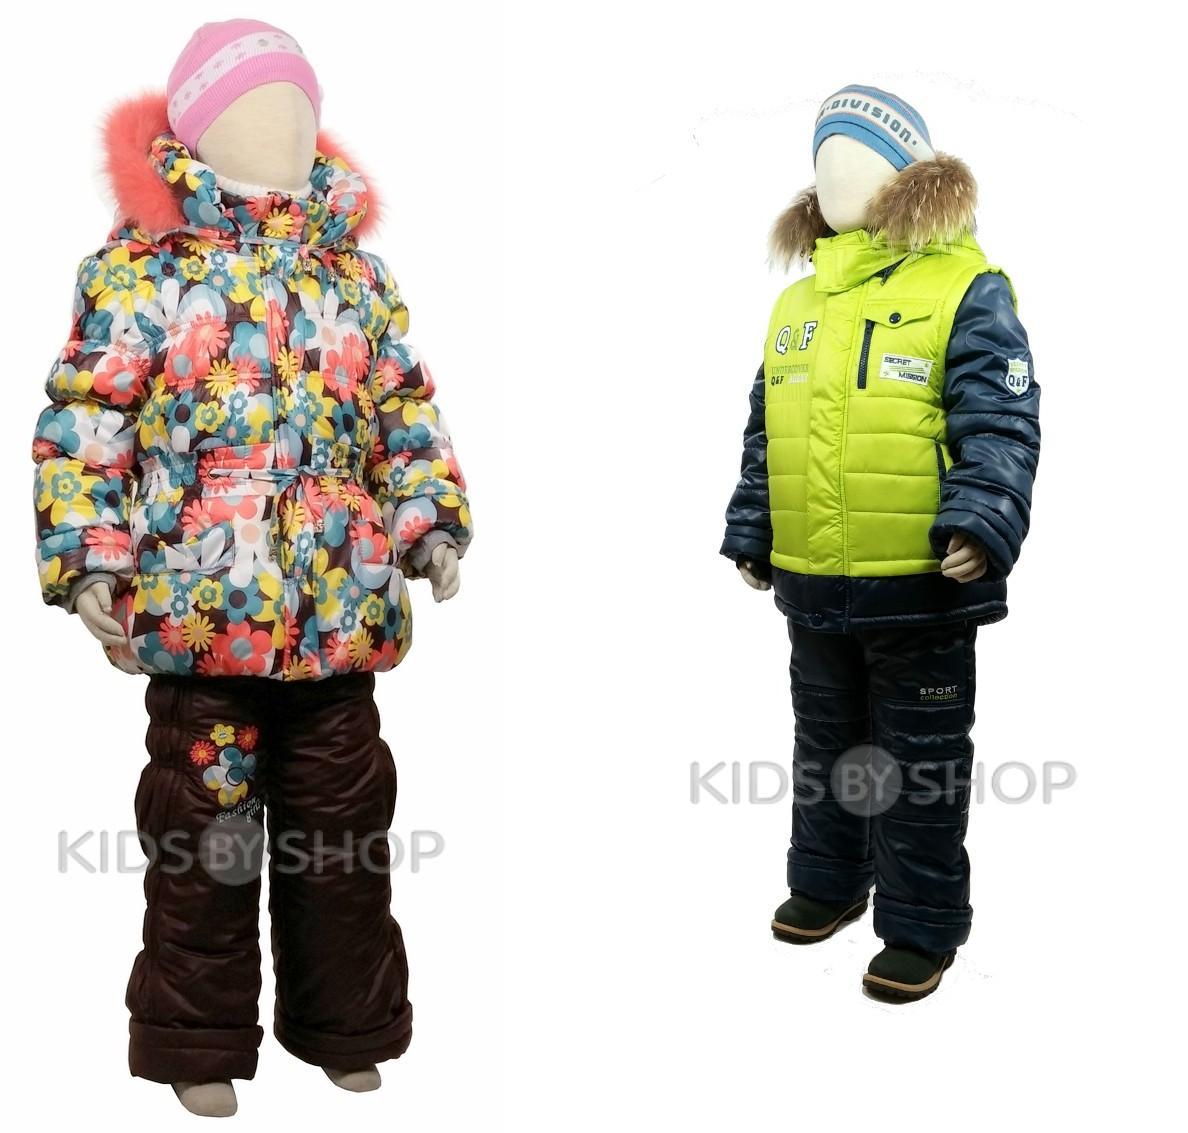 Kids by Shop. Самая лучшая детская верхняя одежда белорусского производства по самым низким ценам. Зимние и демисезонные куртки, комбинезоны, комплекты, брюки. Без рядов! Р-ры 68-158